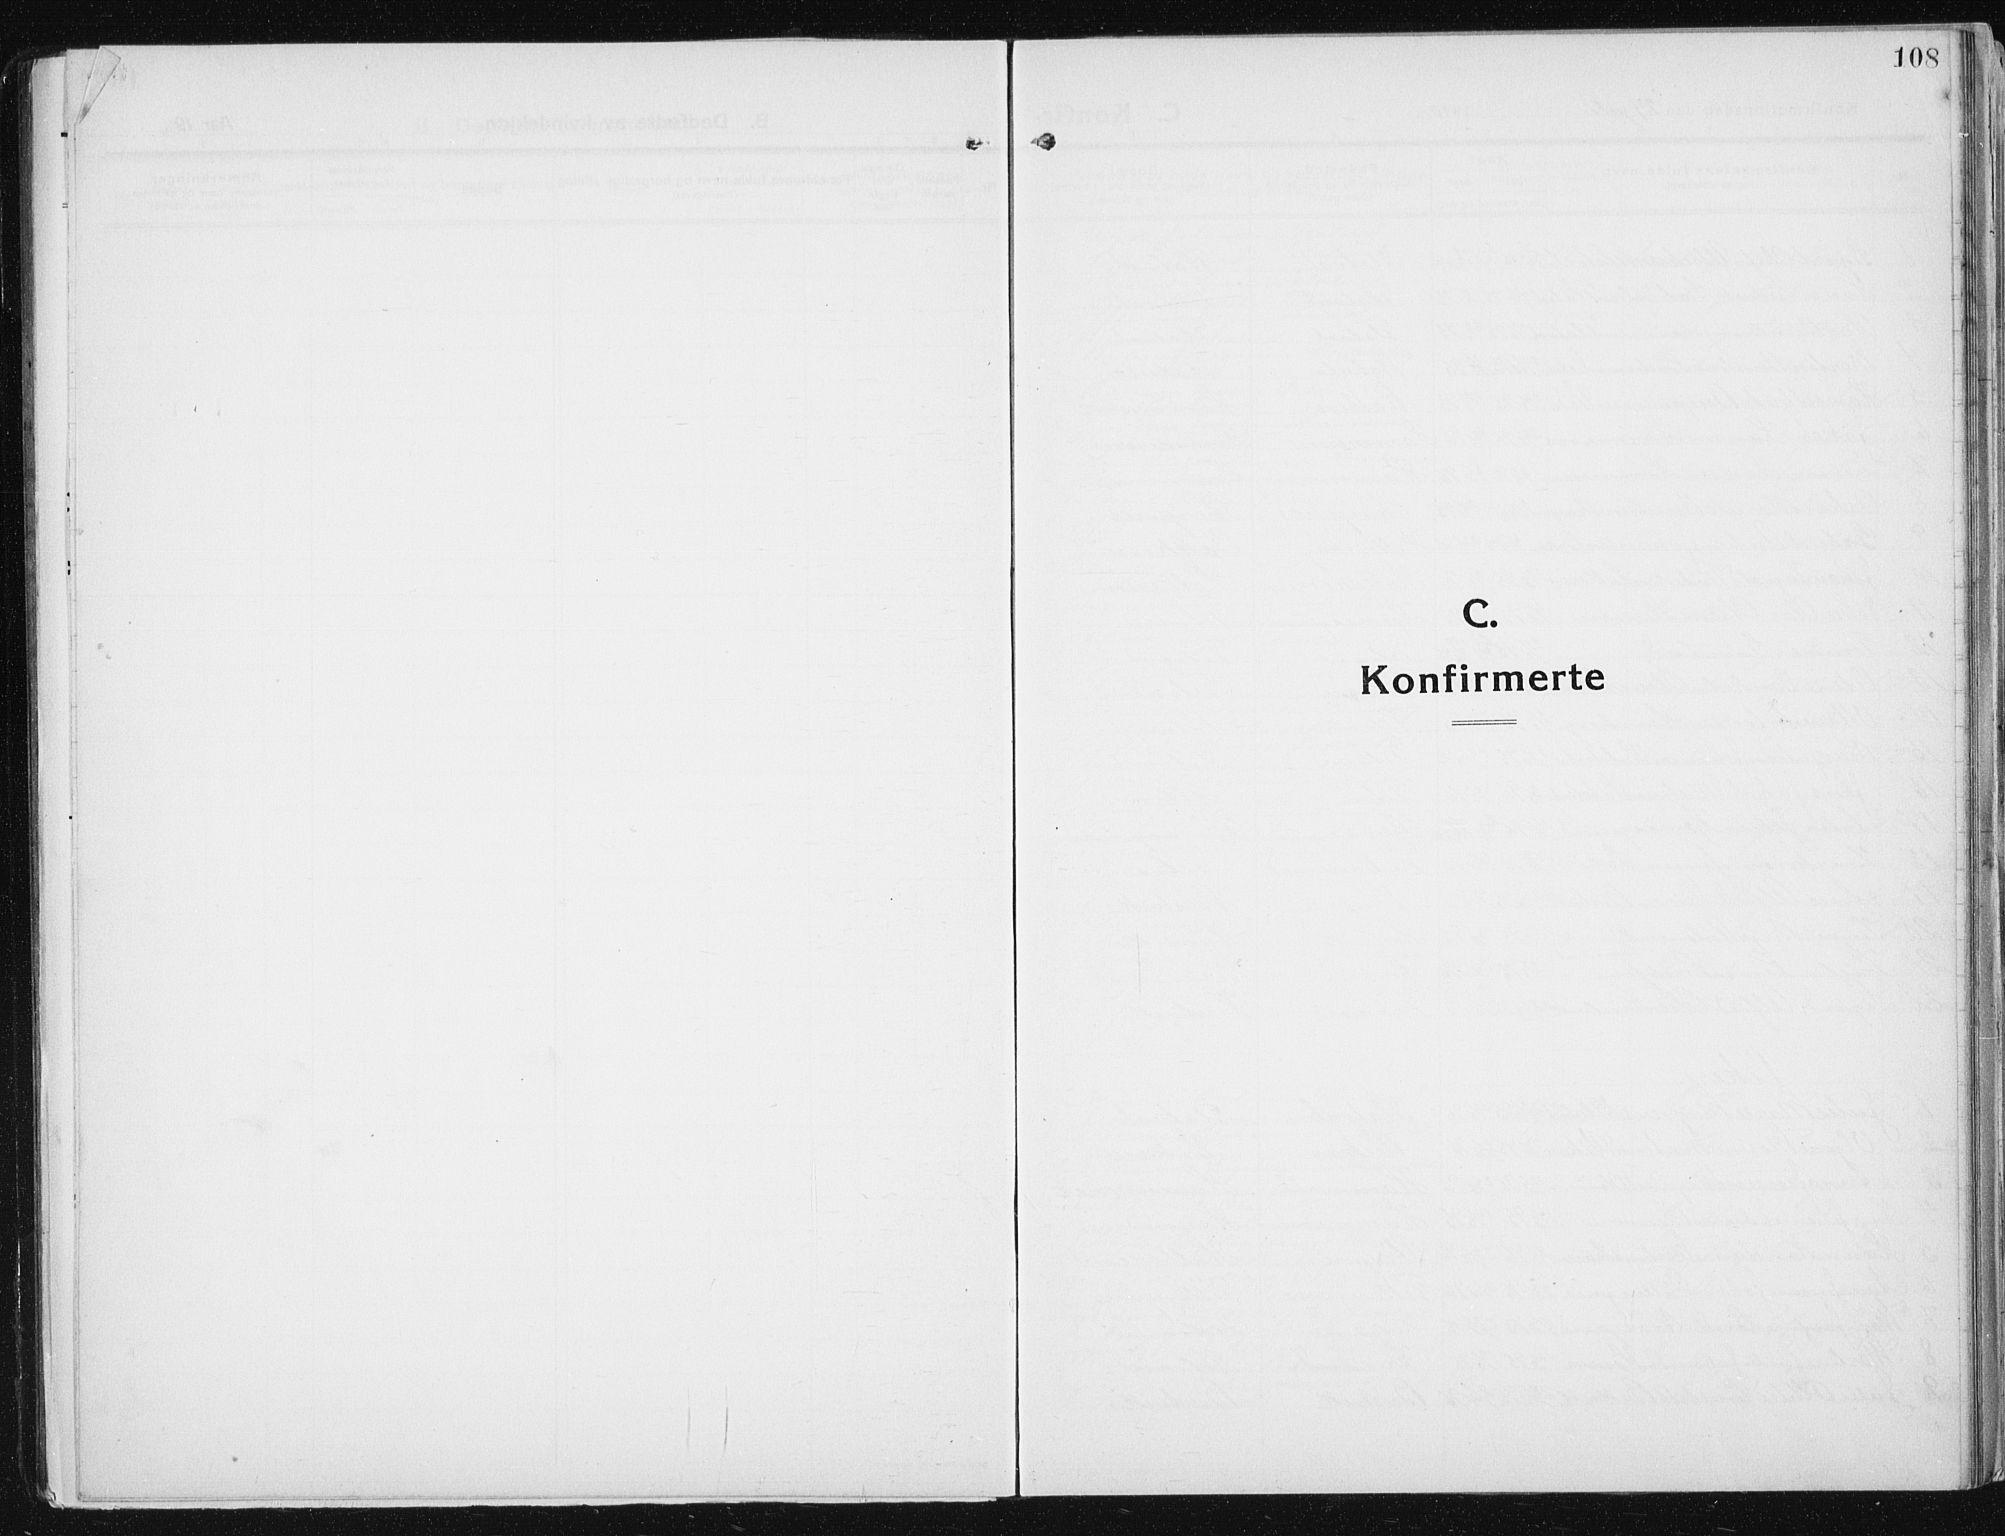 SAT, Ministerialprotokoller, klokkerbøker og fødselsregistre - Sør-Trøndelag, 641/L0599: Klokkerbok nr. 641C03, 1910-1938, s. 108